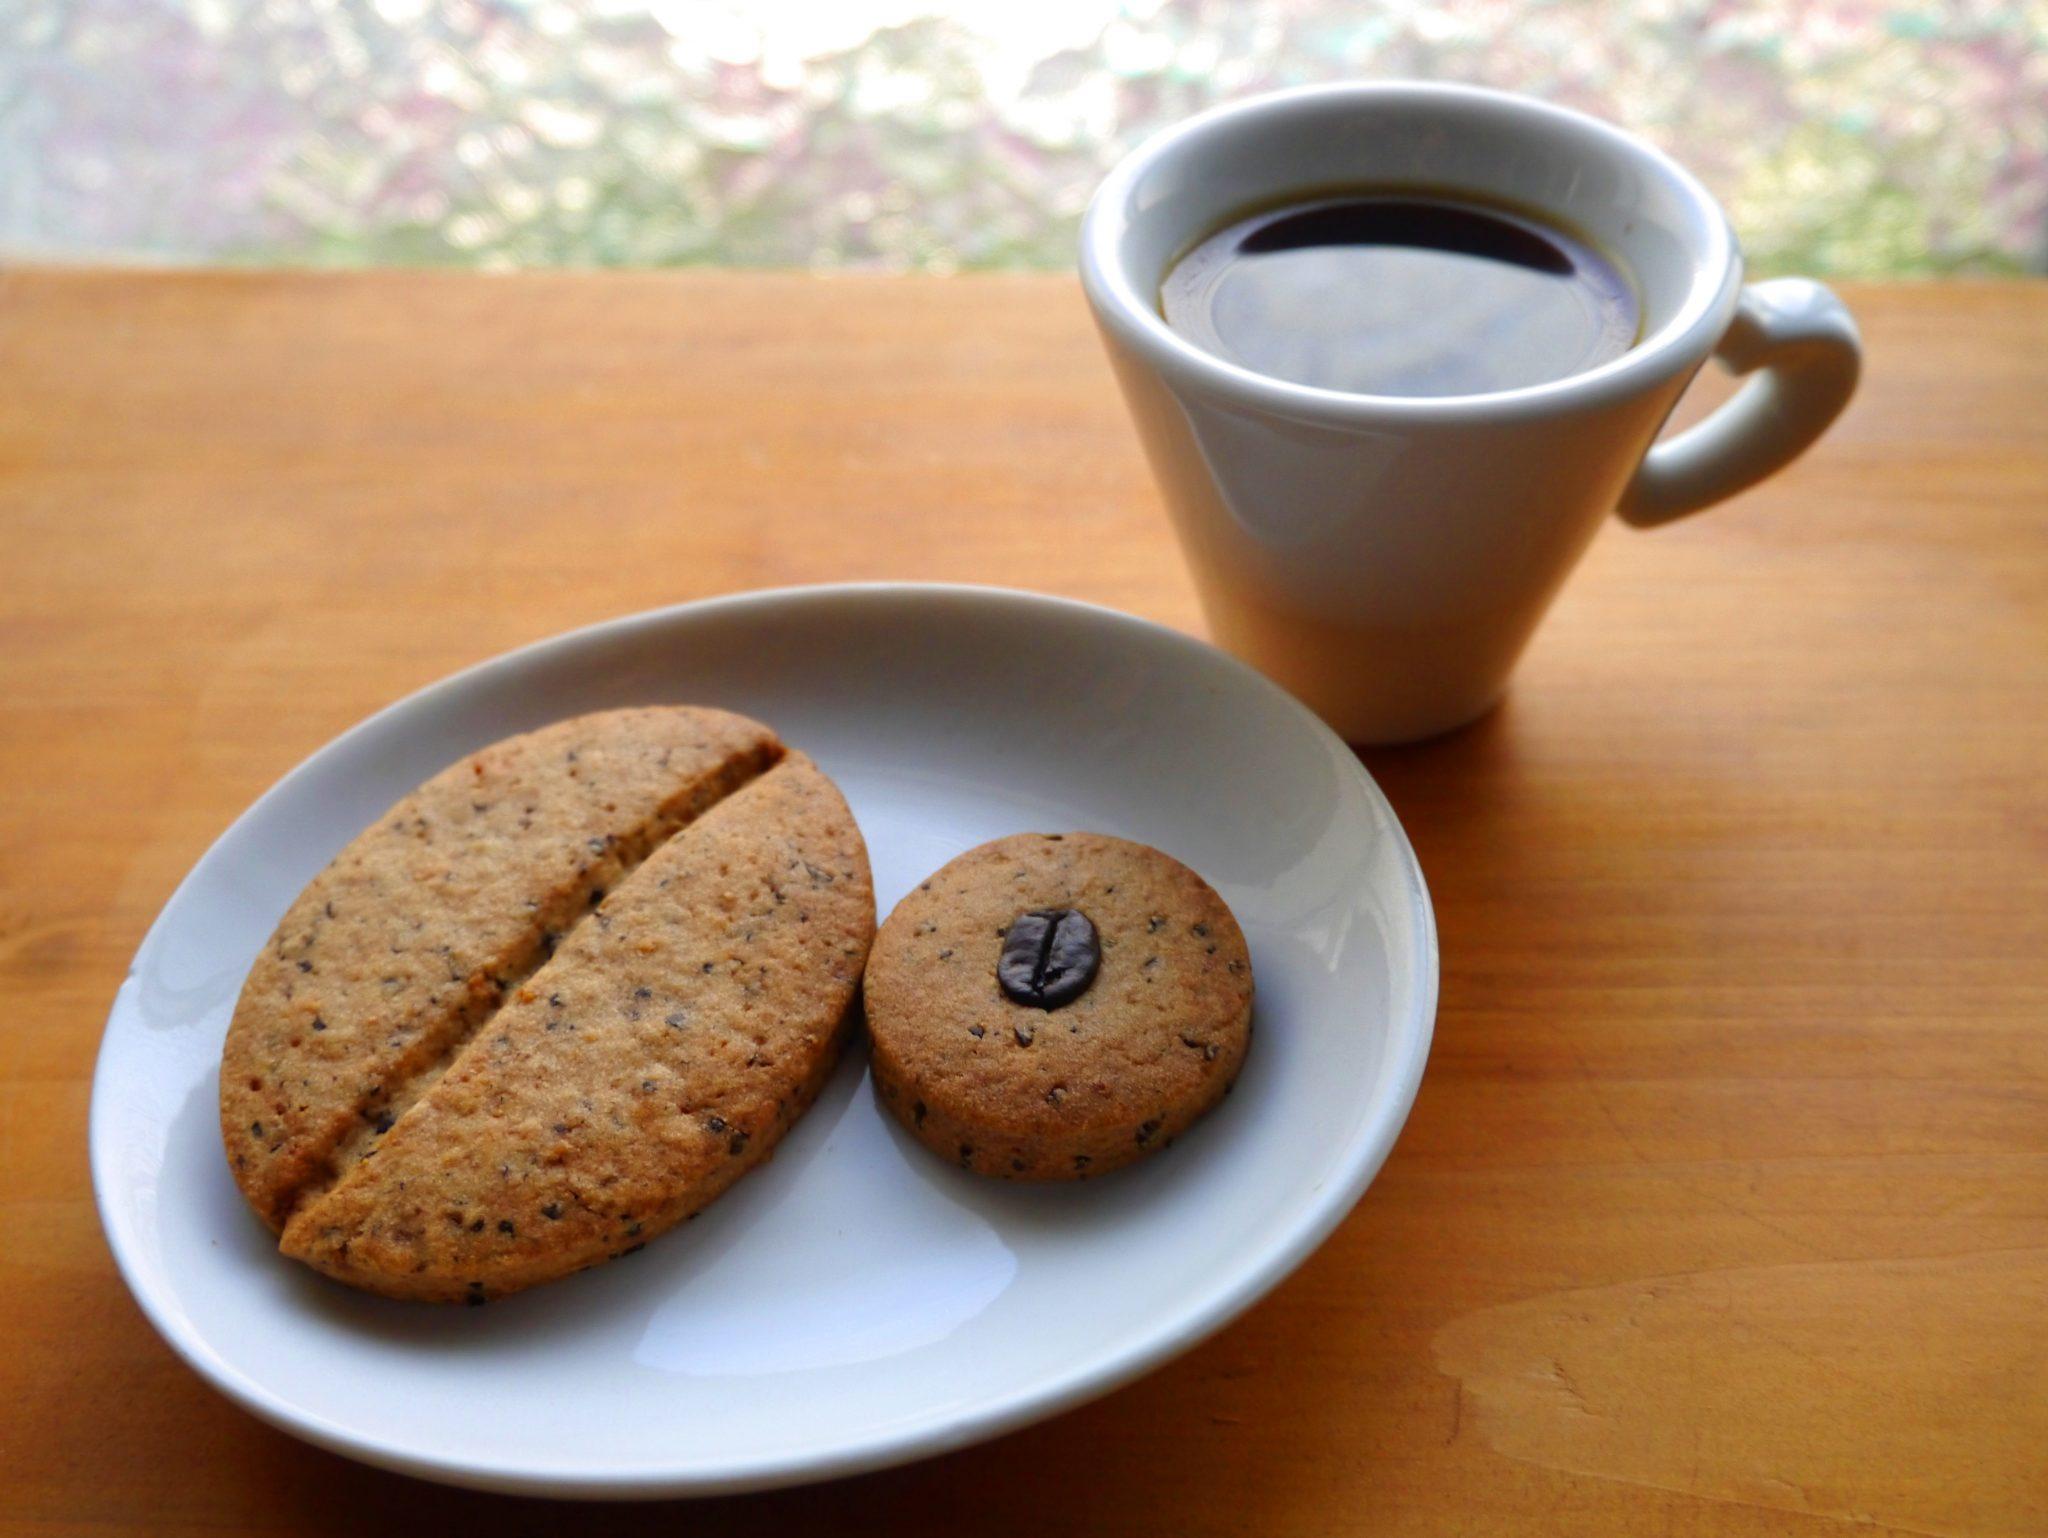 自家焙煎コーヒー豆と自家製コーヒー豆クッキーのセットです。